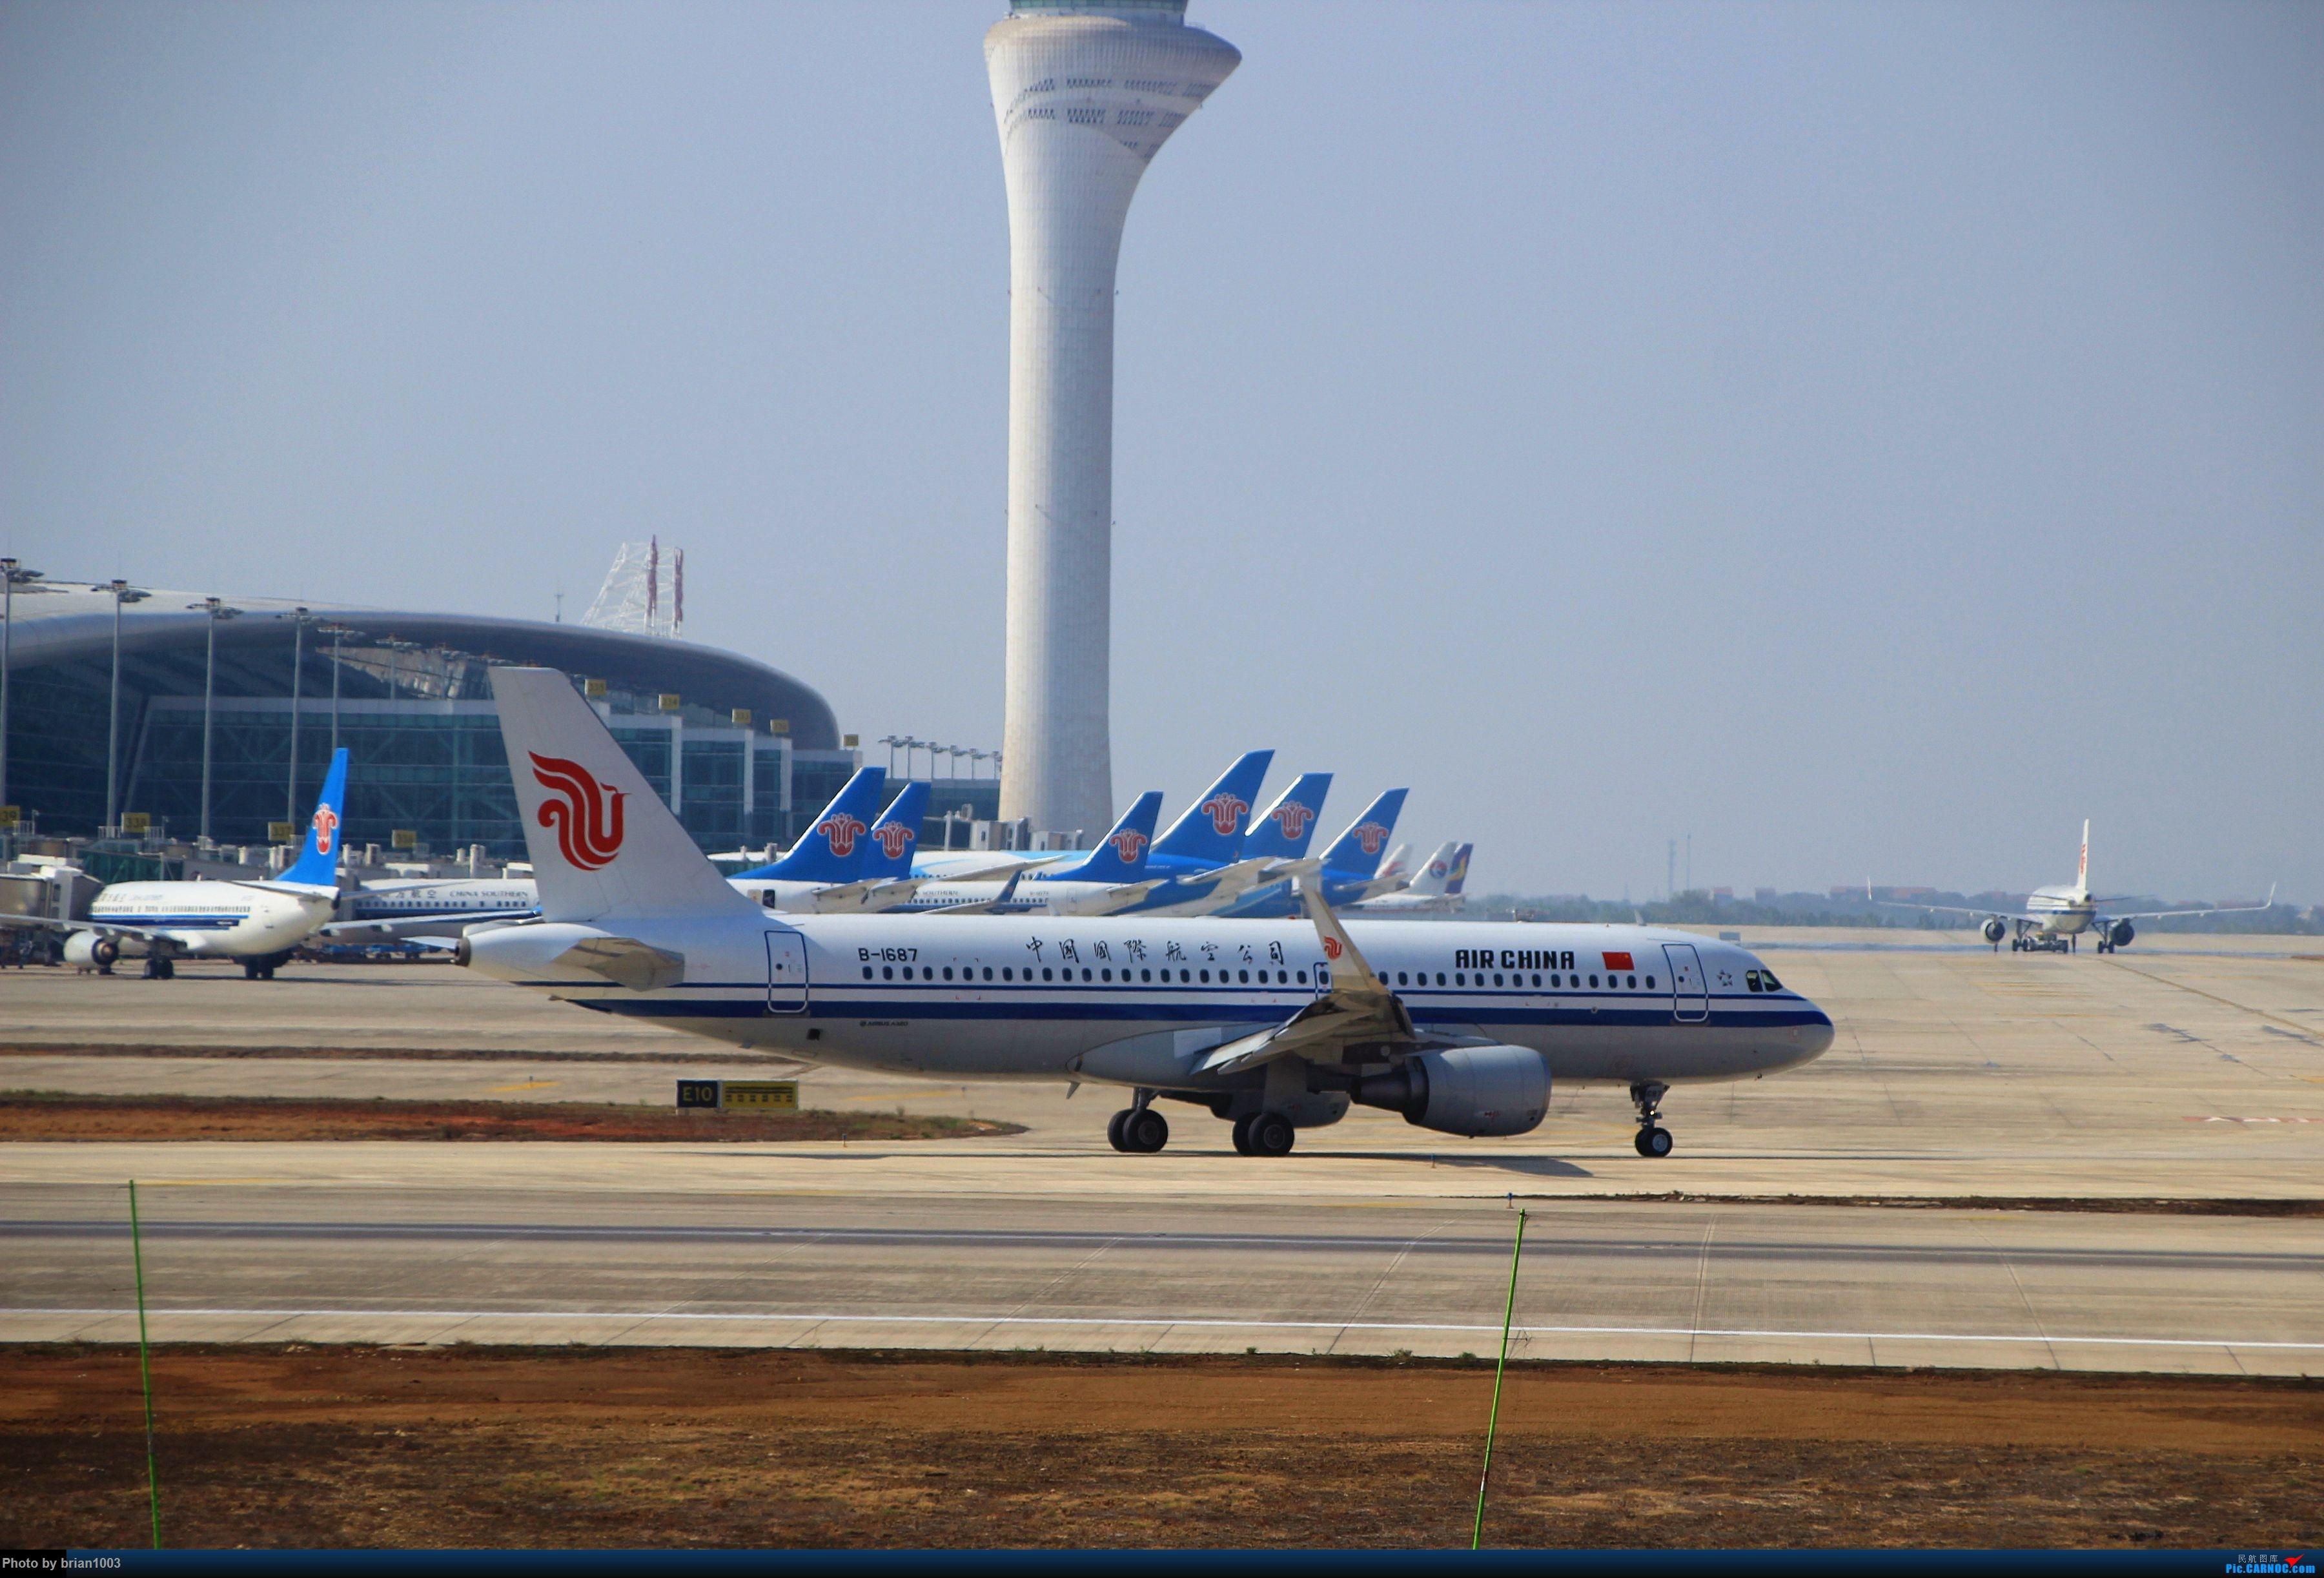 Re:[原创]WUH武汉天河机场拍机之精彩满满的十月(还可能更新) AIRBUS A320-200 B-1687 中国武汉天河国际机场